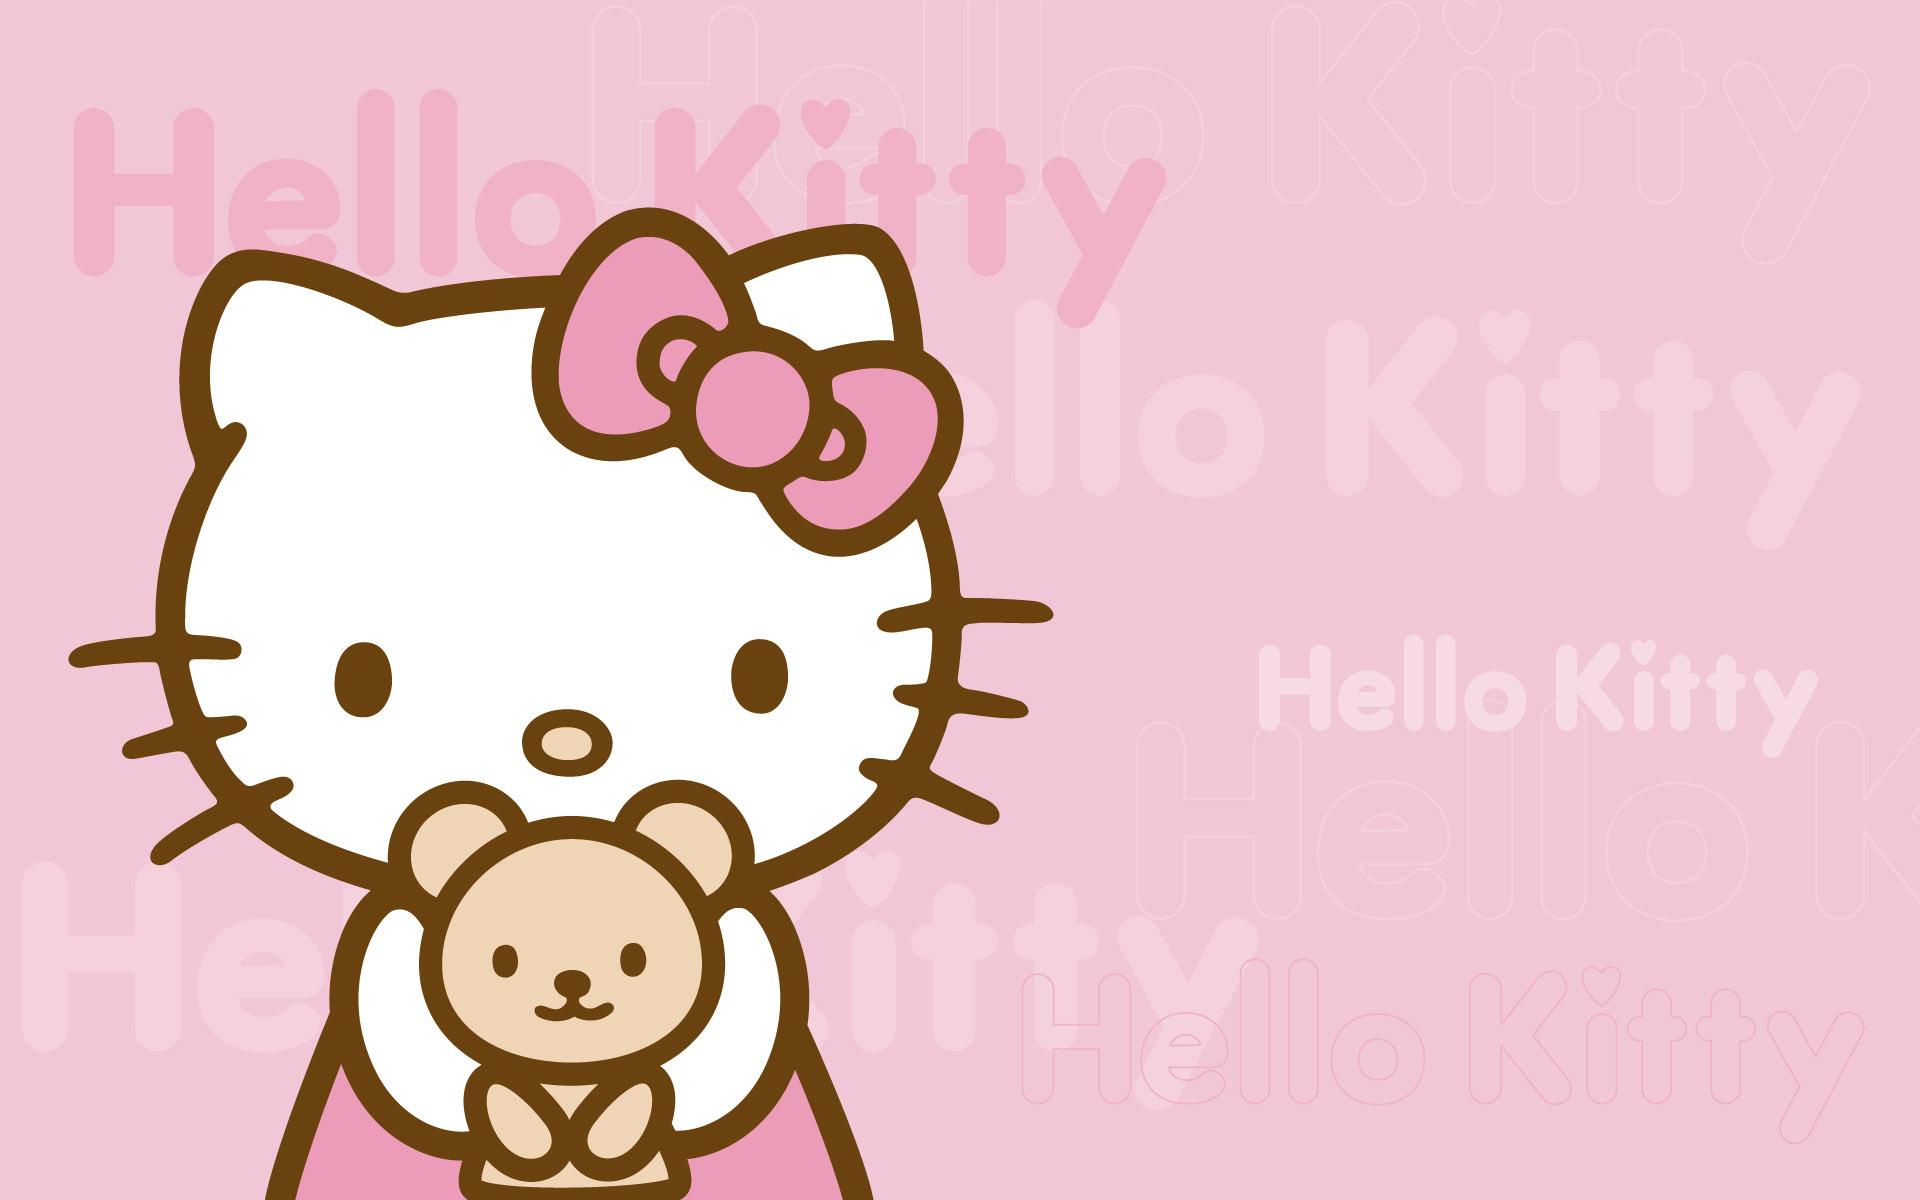 性别:可爱小女孩(漂亮的小女生)   生日:1974年11月1日   星座:天蝎